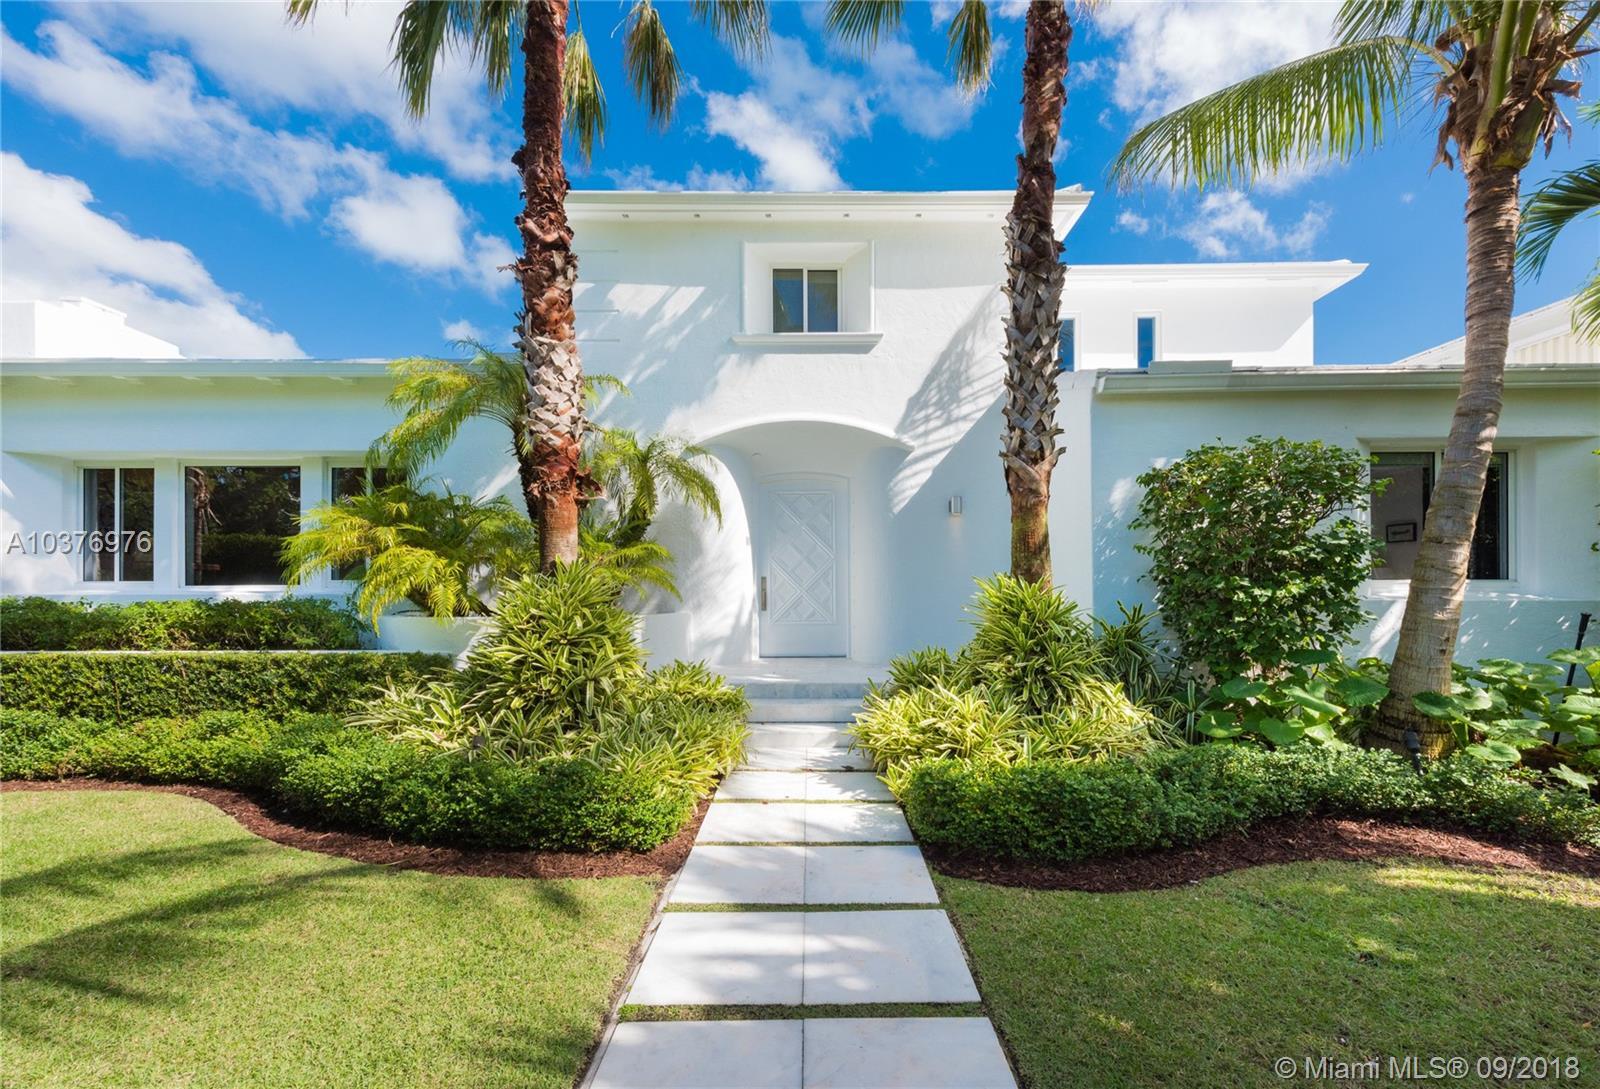 Usa woningen 7027 usa huizen te koop villa huizen for Huis te koop in amerika